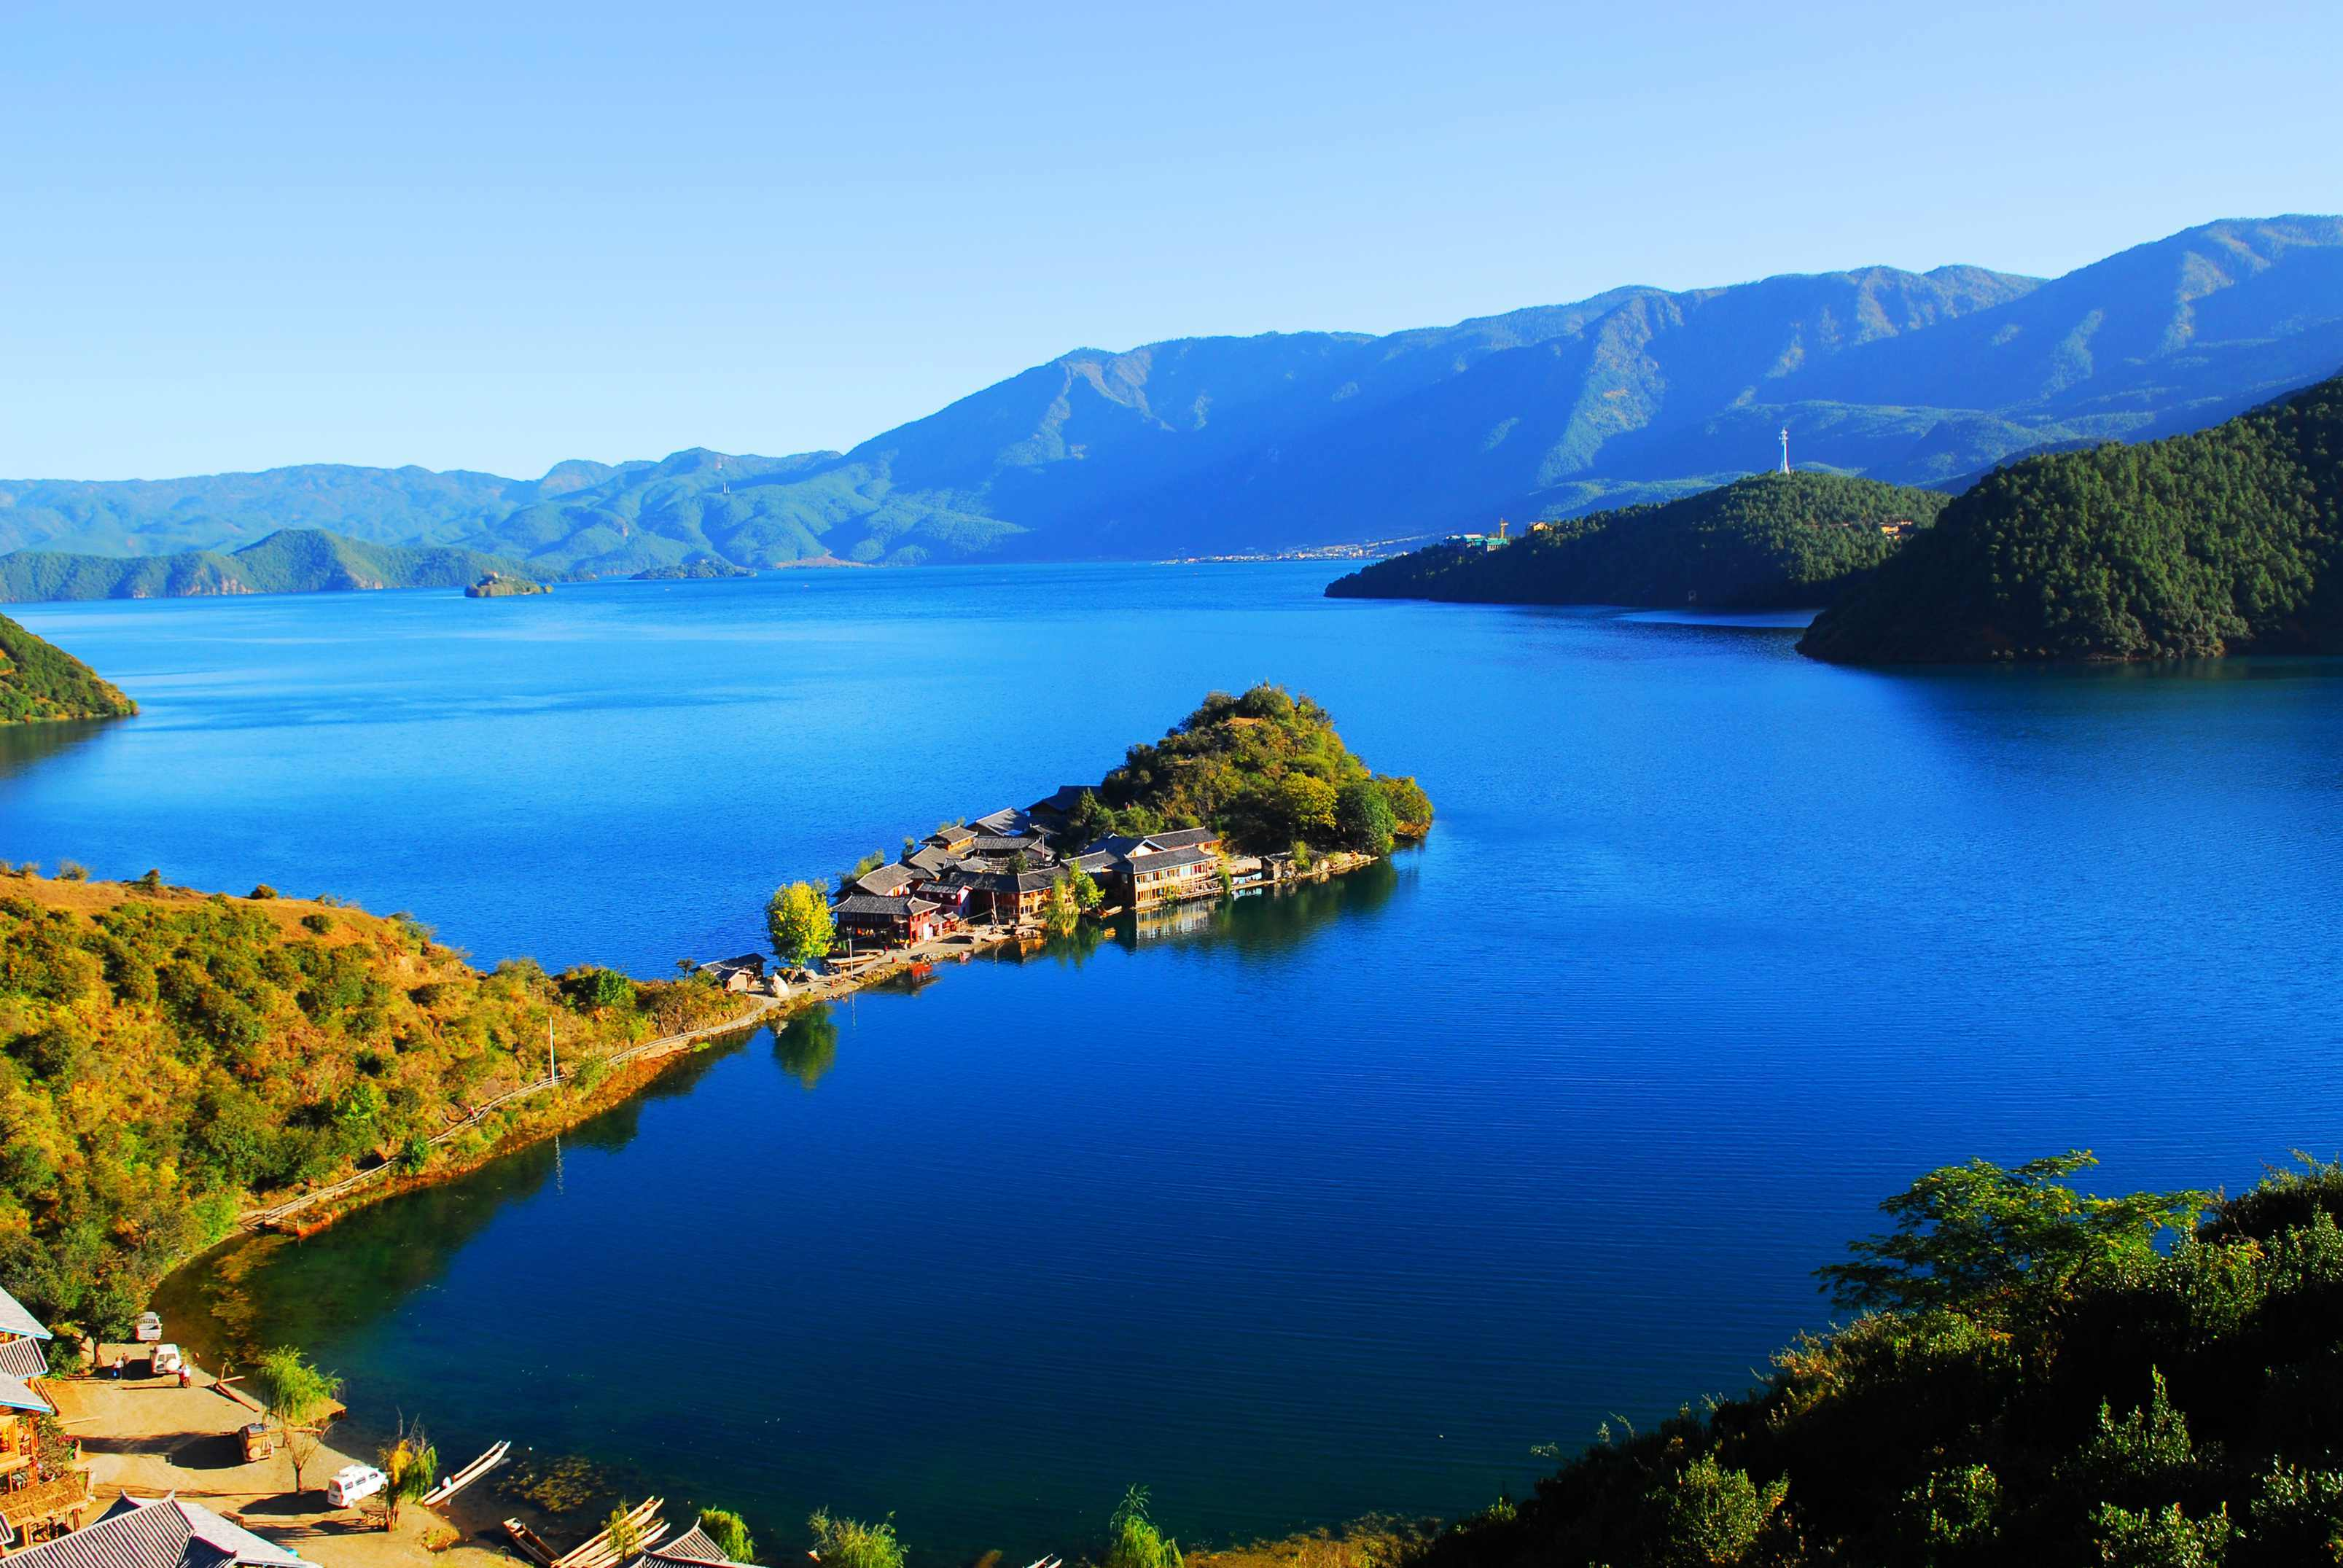 【房车自驾】西昌邛海泸沽湖私家4日游